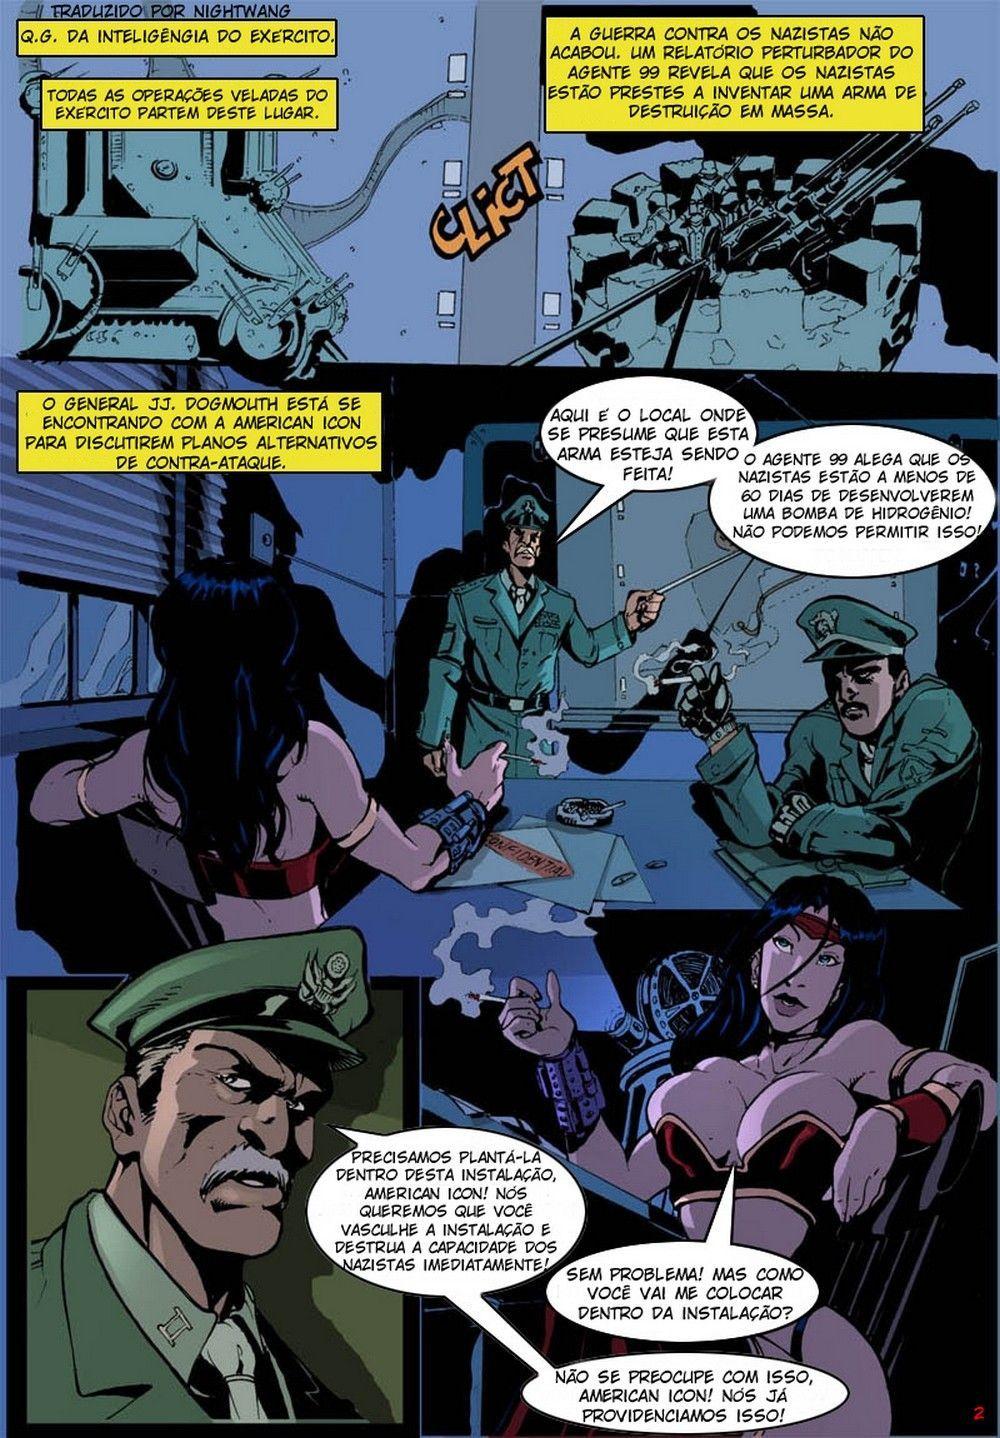 Icone americano - quadrinhos eróticos